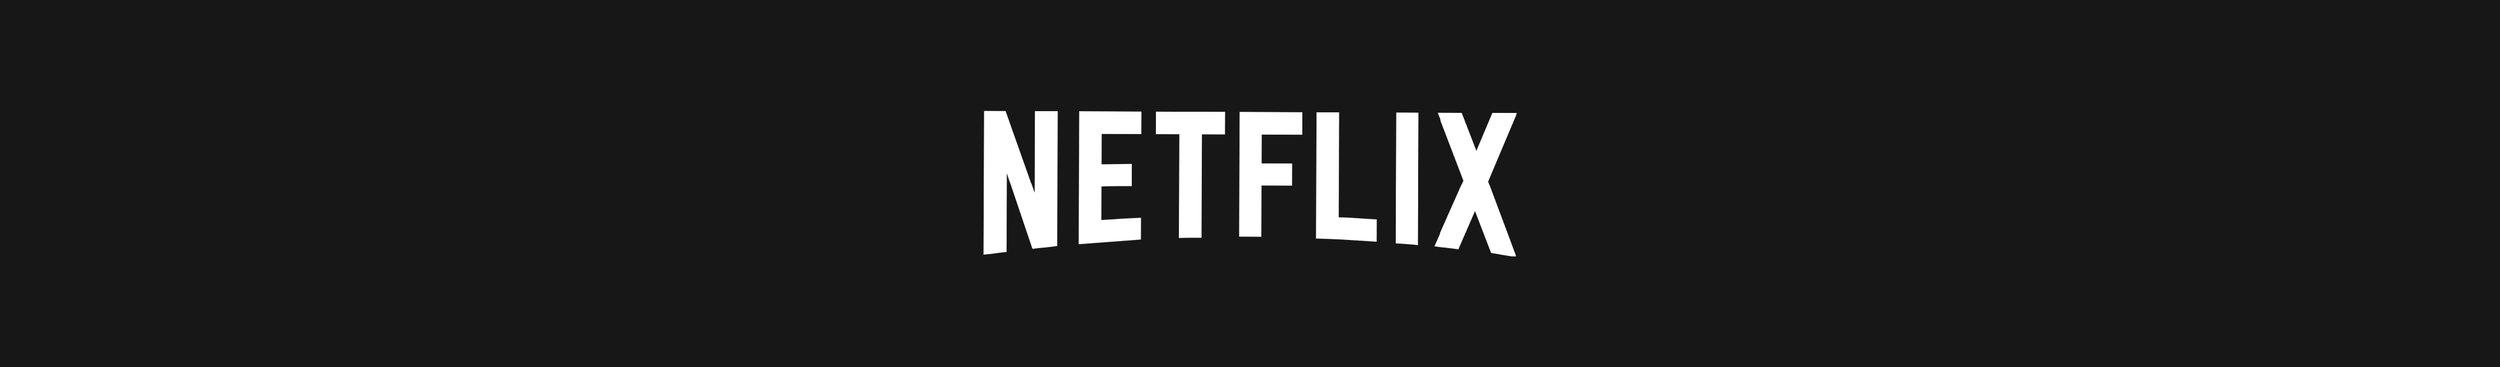 IntWebsite_Clients_White_Netflix.jpg